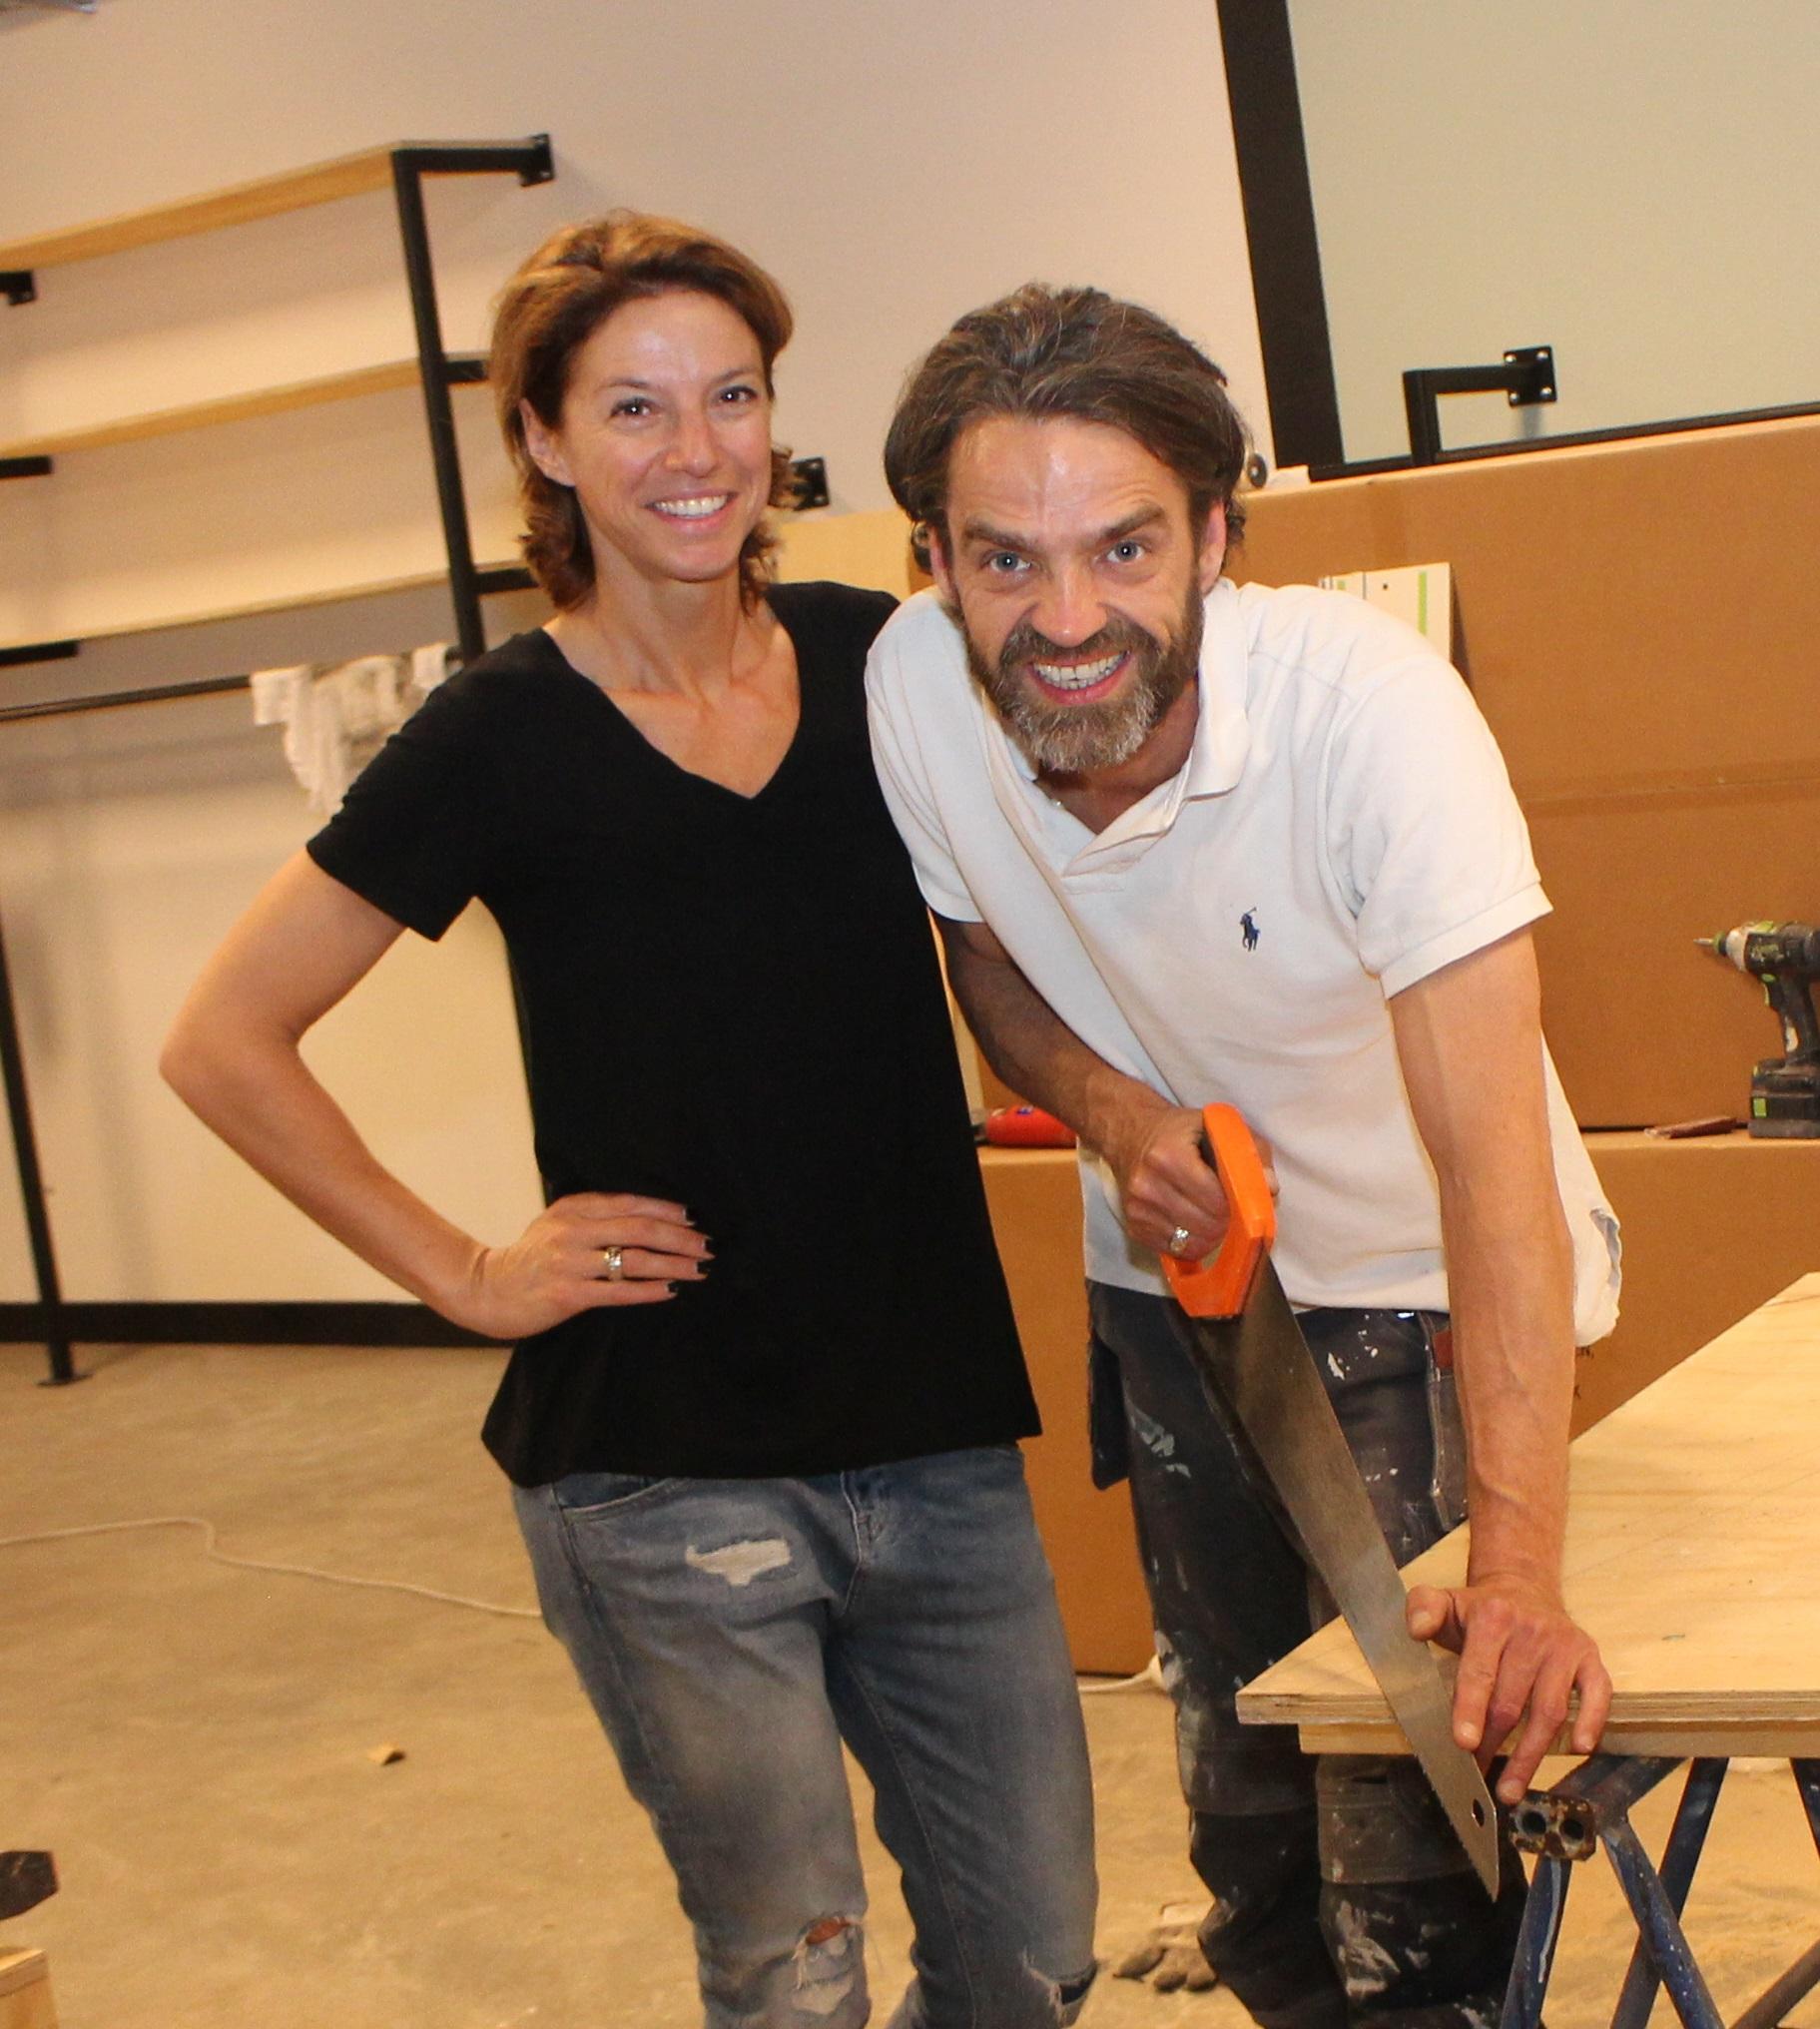 Lou van den Broek (rechts) en Jessica Reemer, toen ze nog volop bezig waren met de inrichting van hun winkel Jess & Lou.